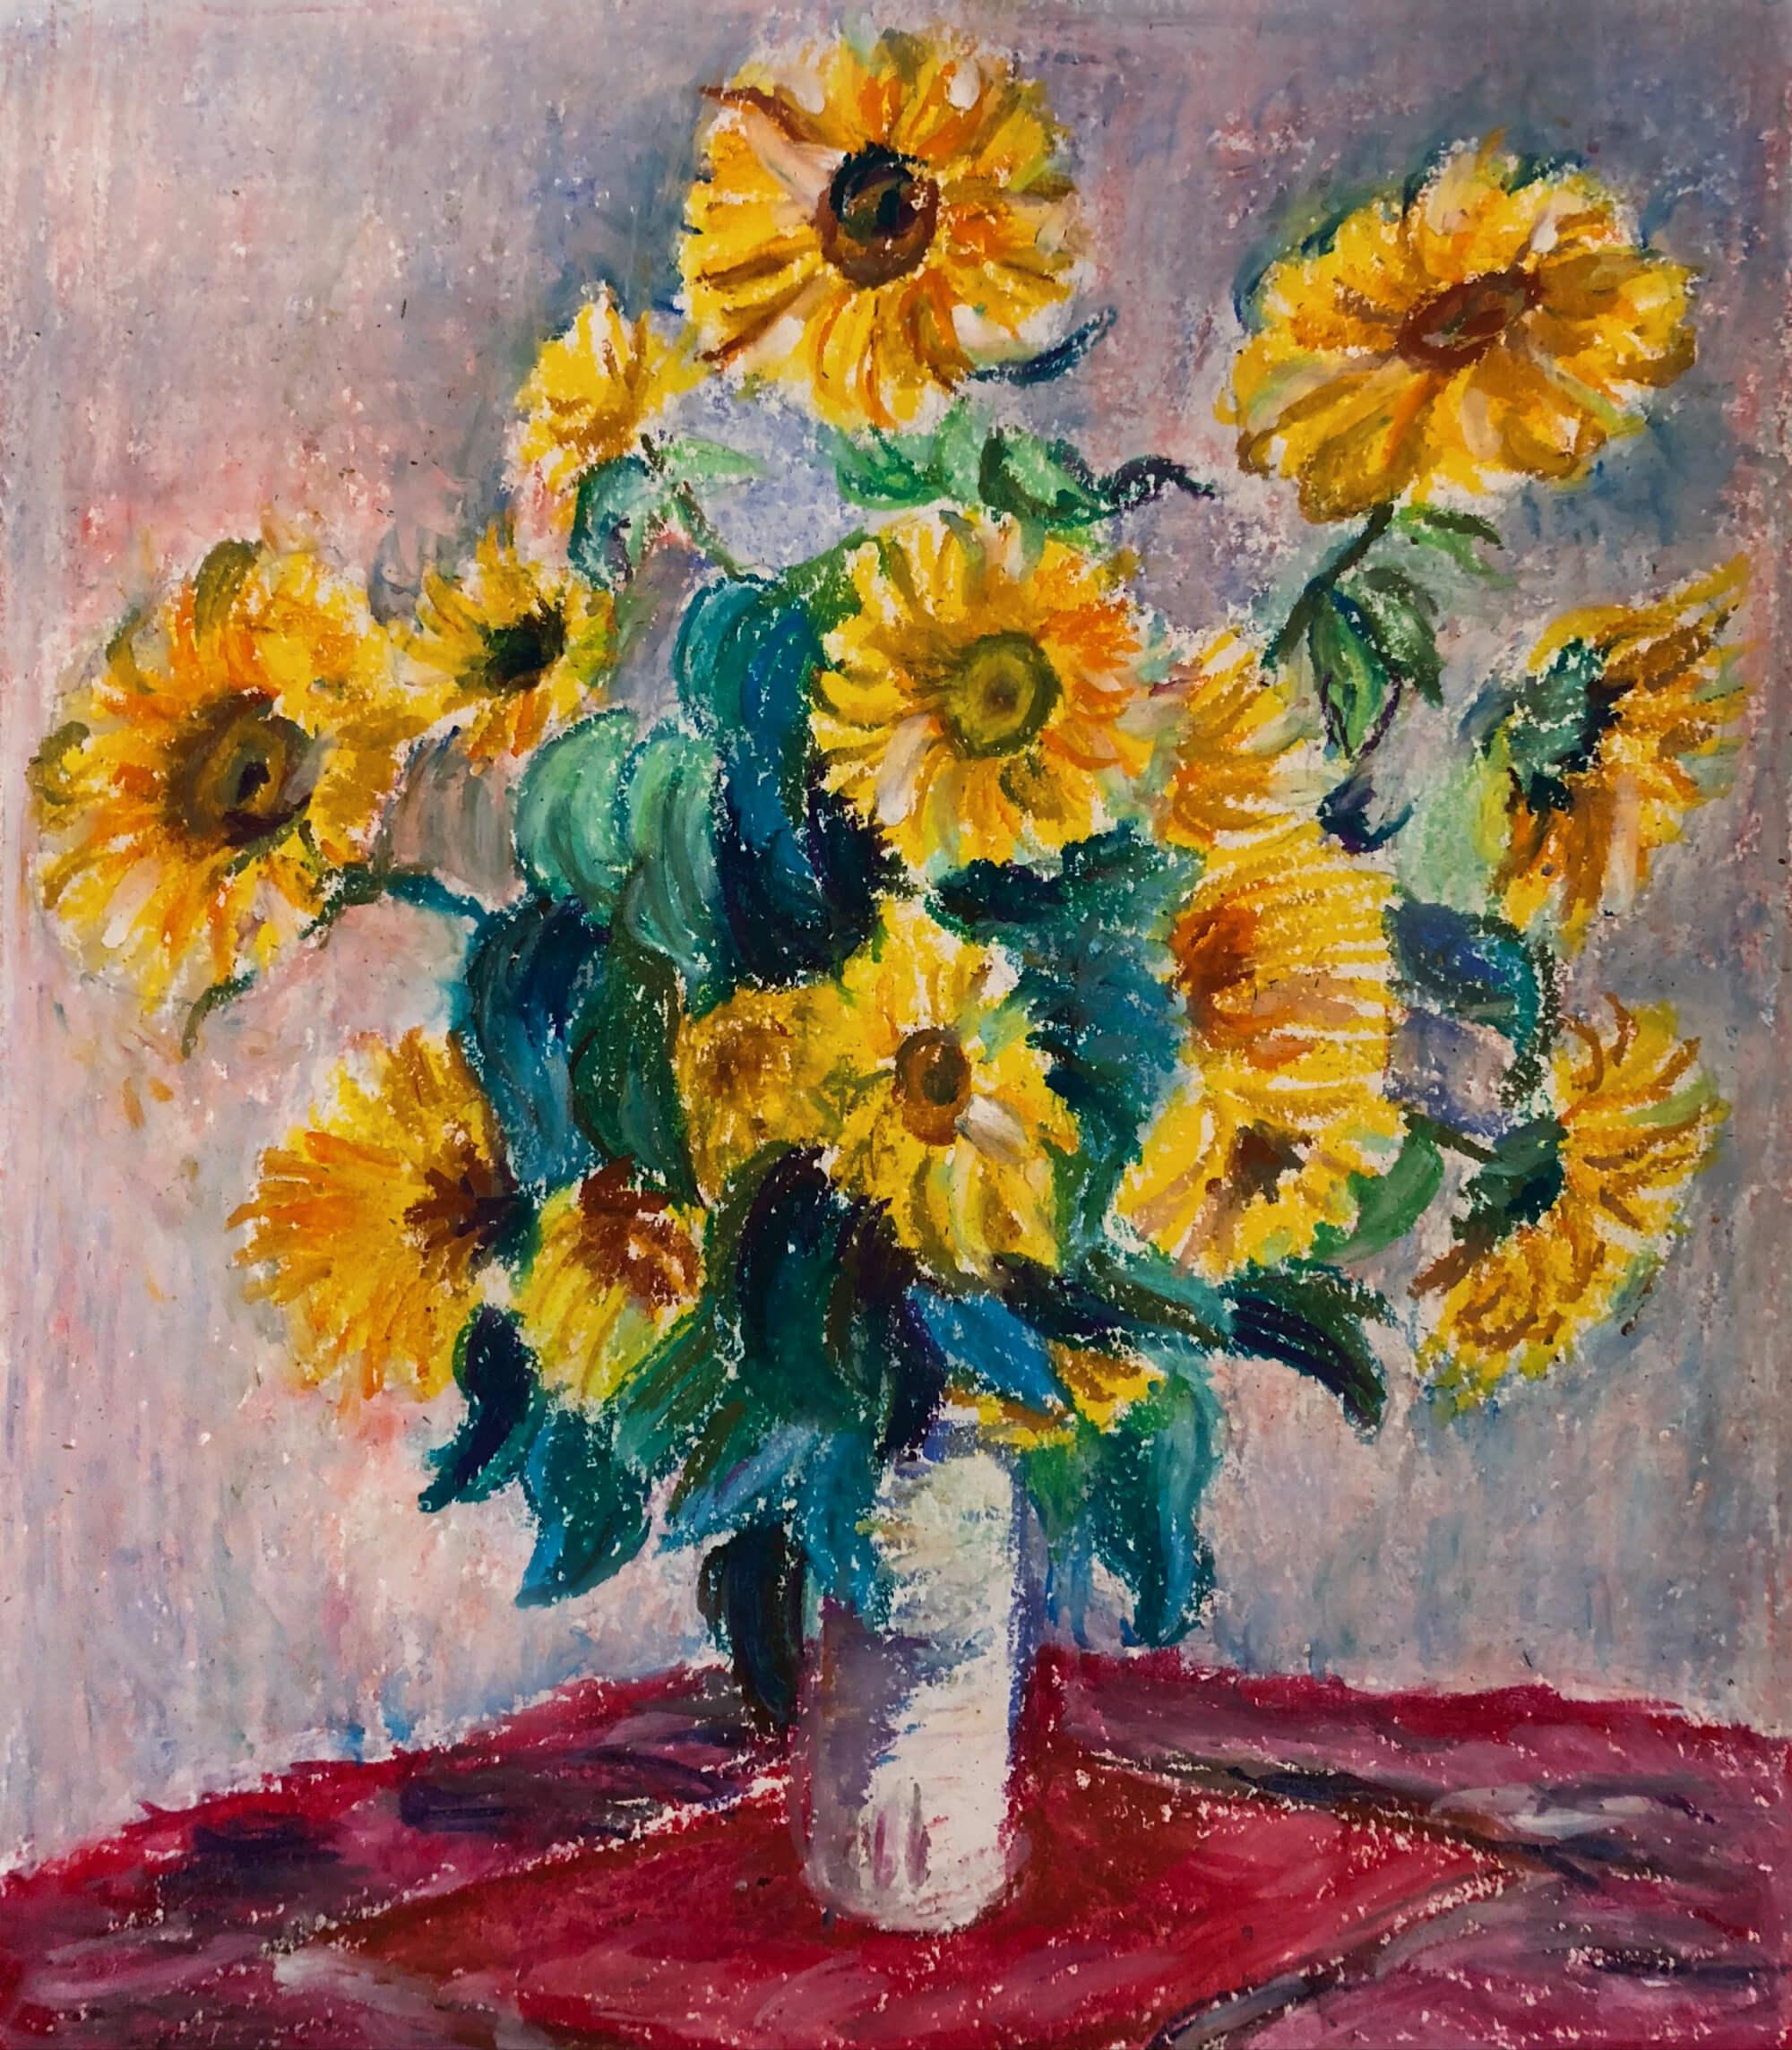 《向日葵》 材质:油画棒